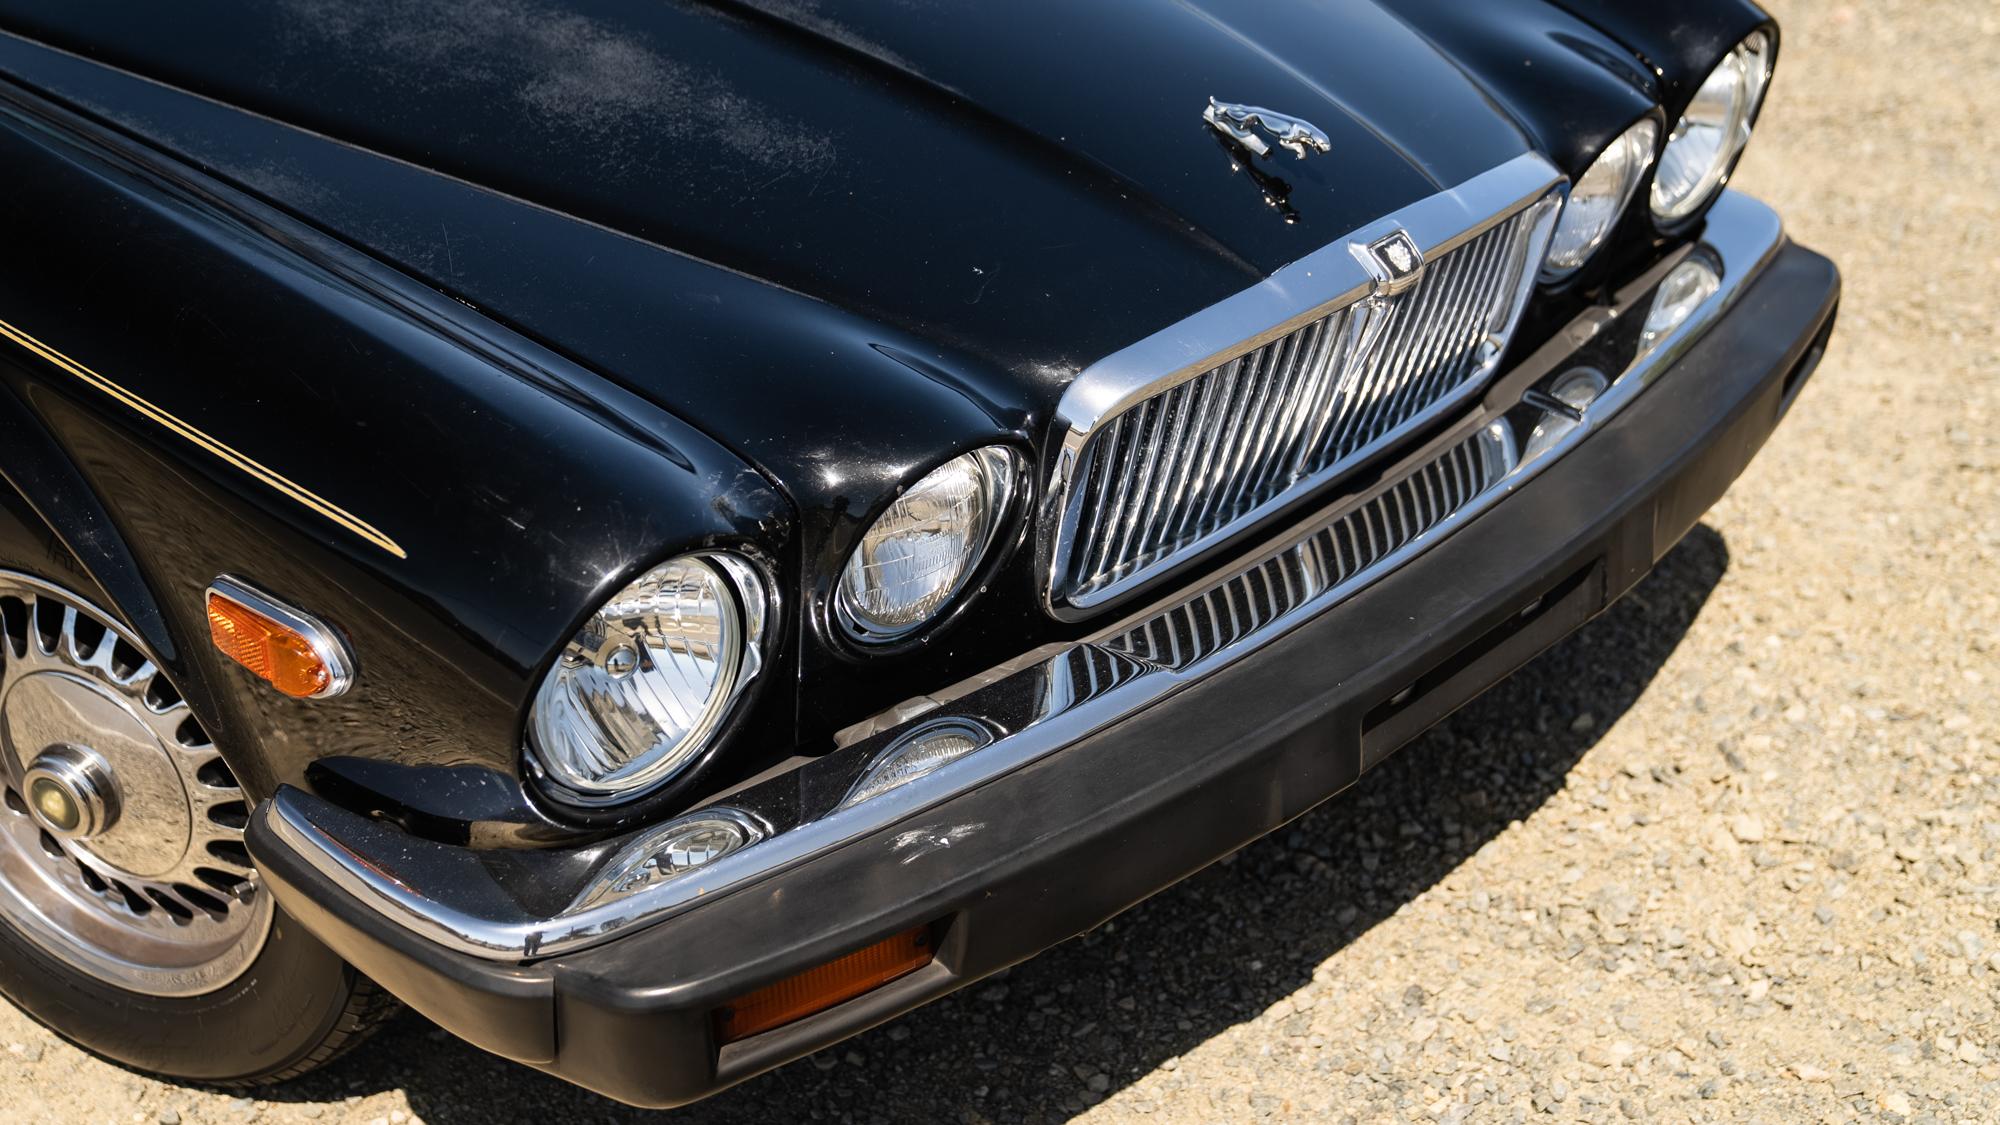 1986 Jaguar XJ6 front